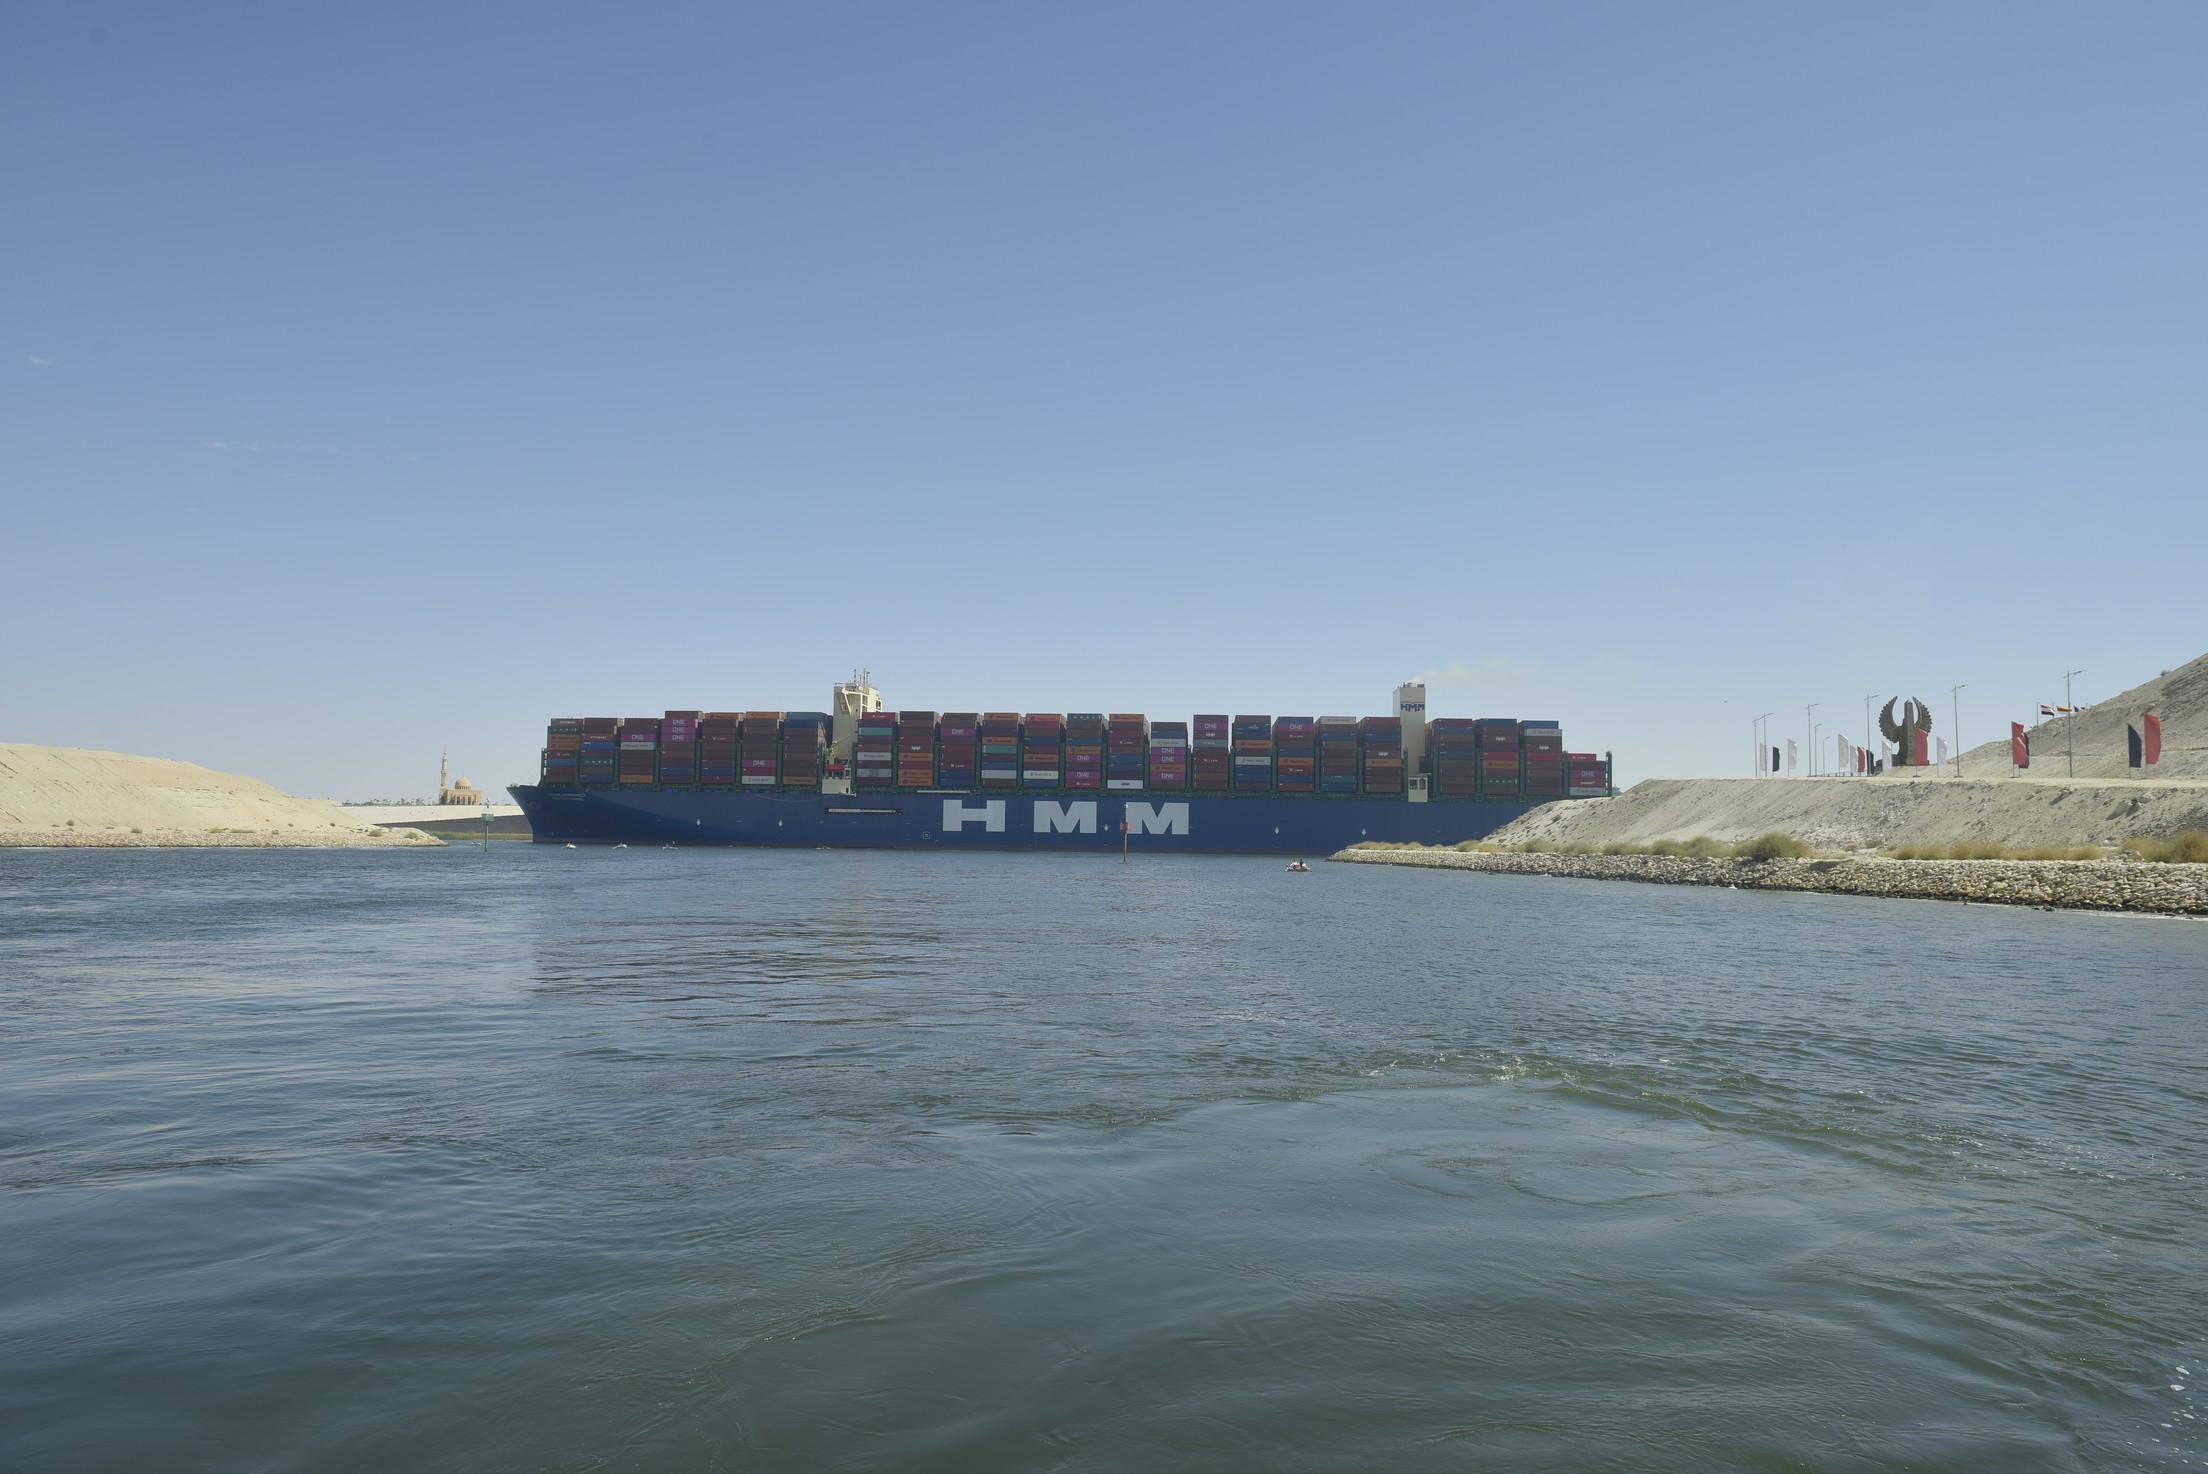 قناة السويس تشهد عبور أكبر سفينة حاويات في العالم تعمل بالغاز الطبيعي